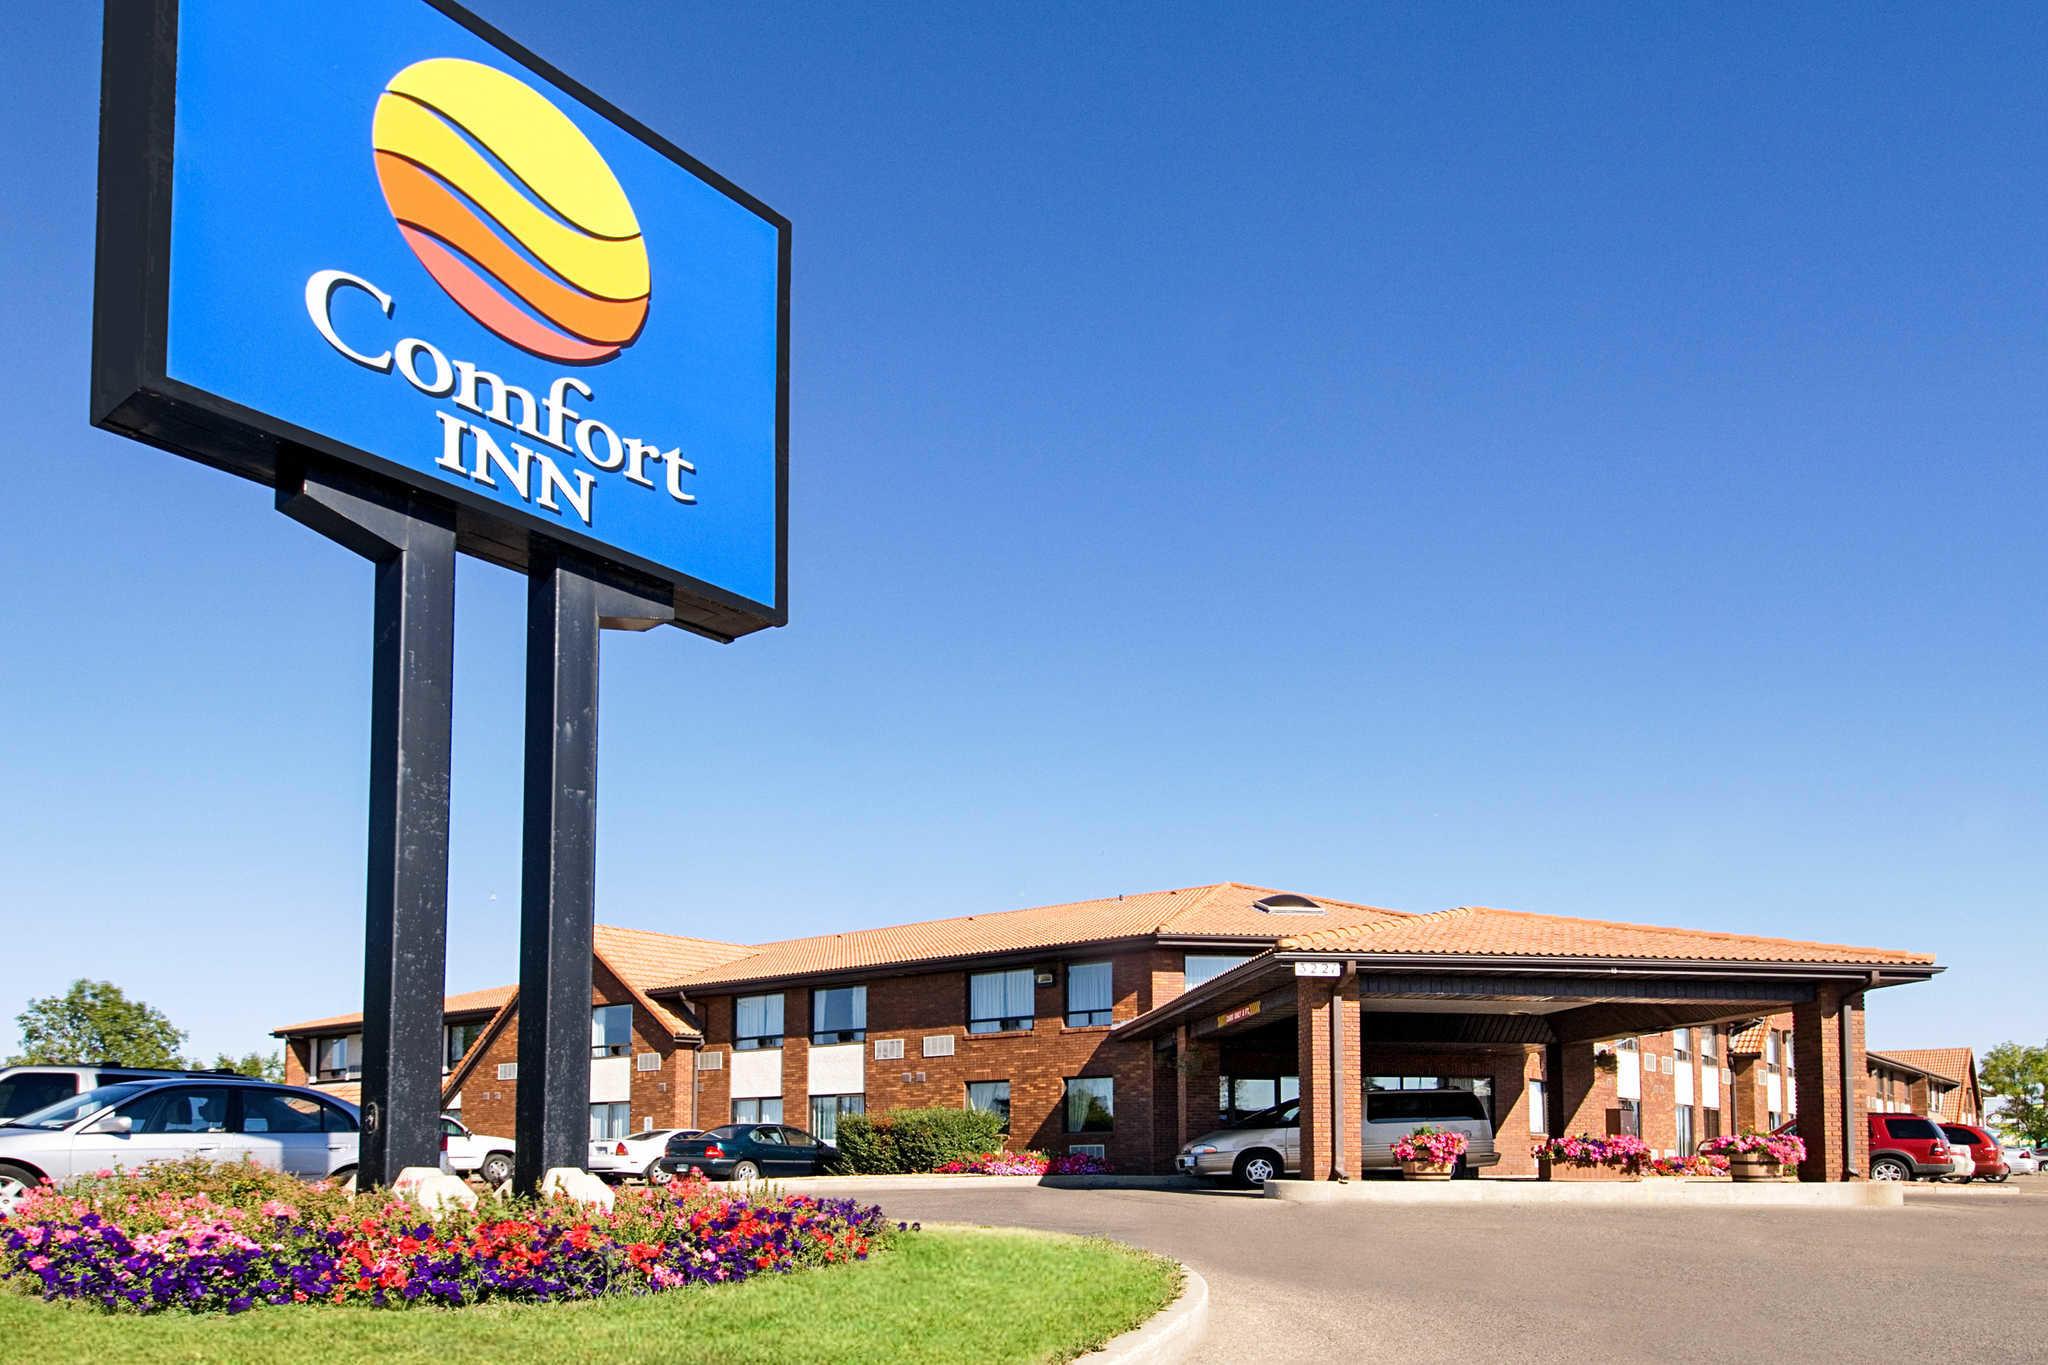 Comfort Inn in Saskatoon